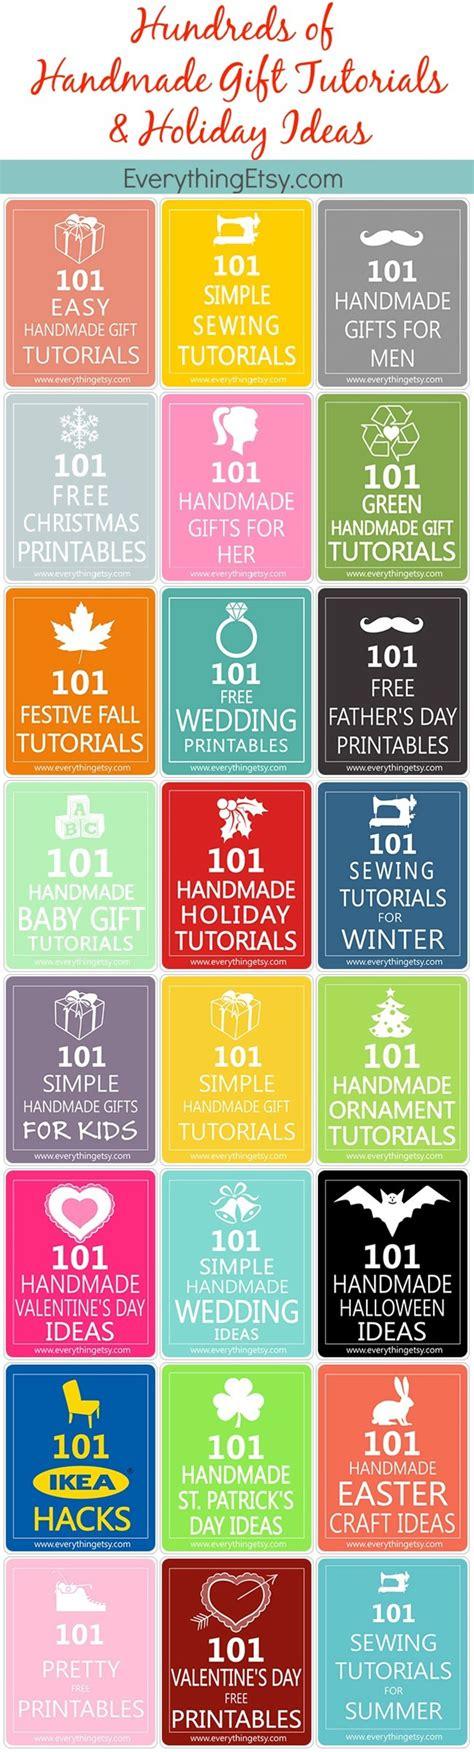 101 easy handmade gift tutorials everything etsy handmade gifts tutorials holiday ideas hundreds of them